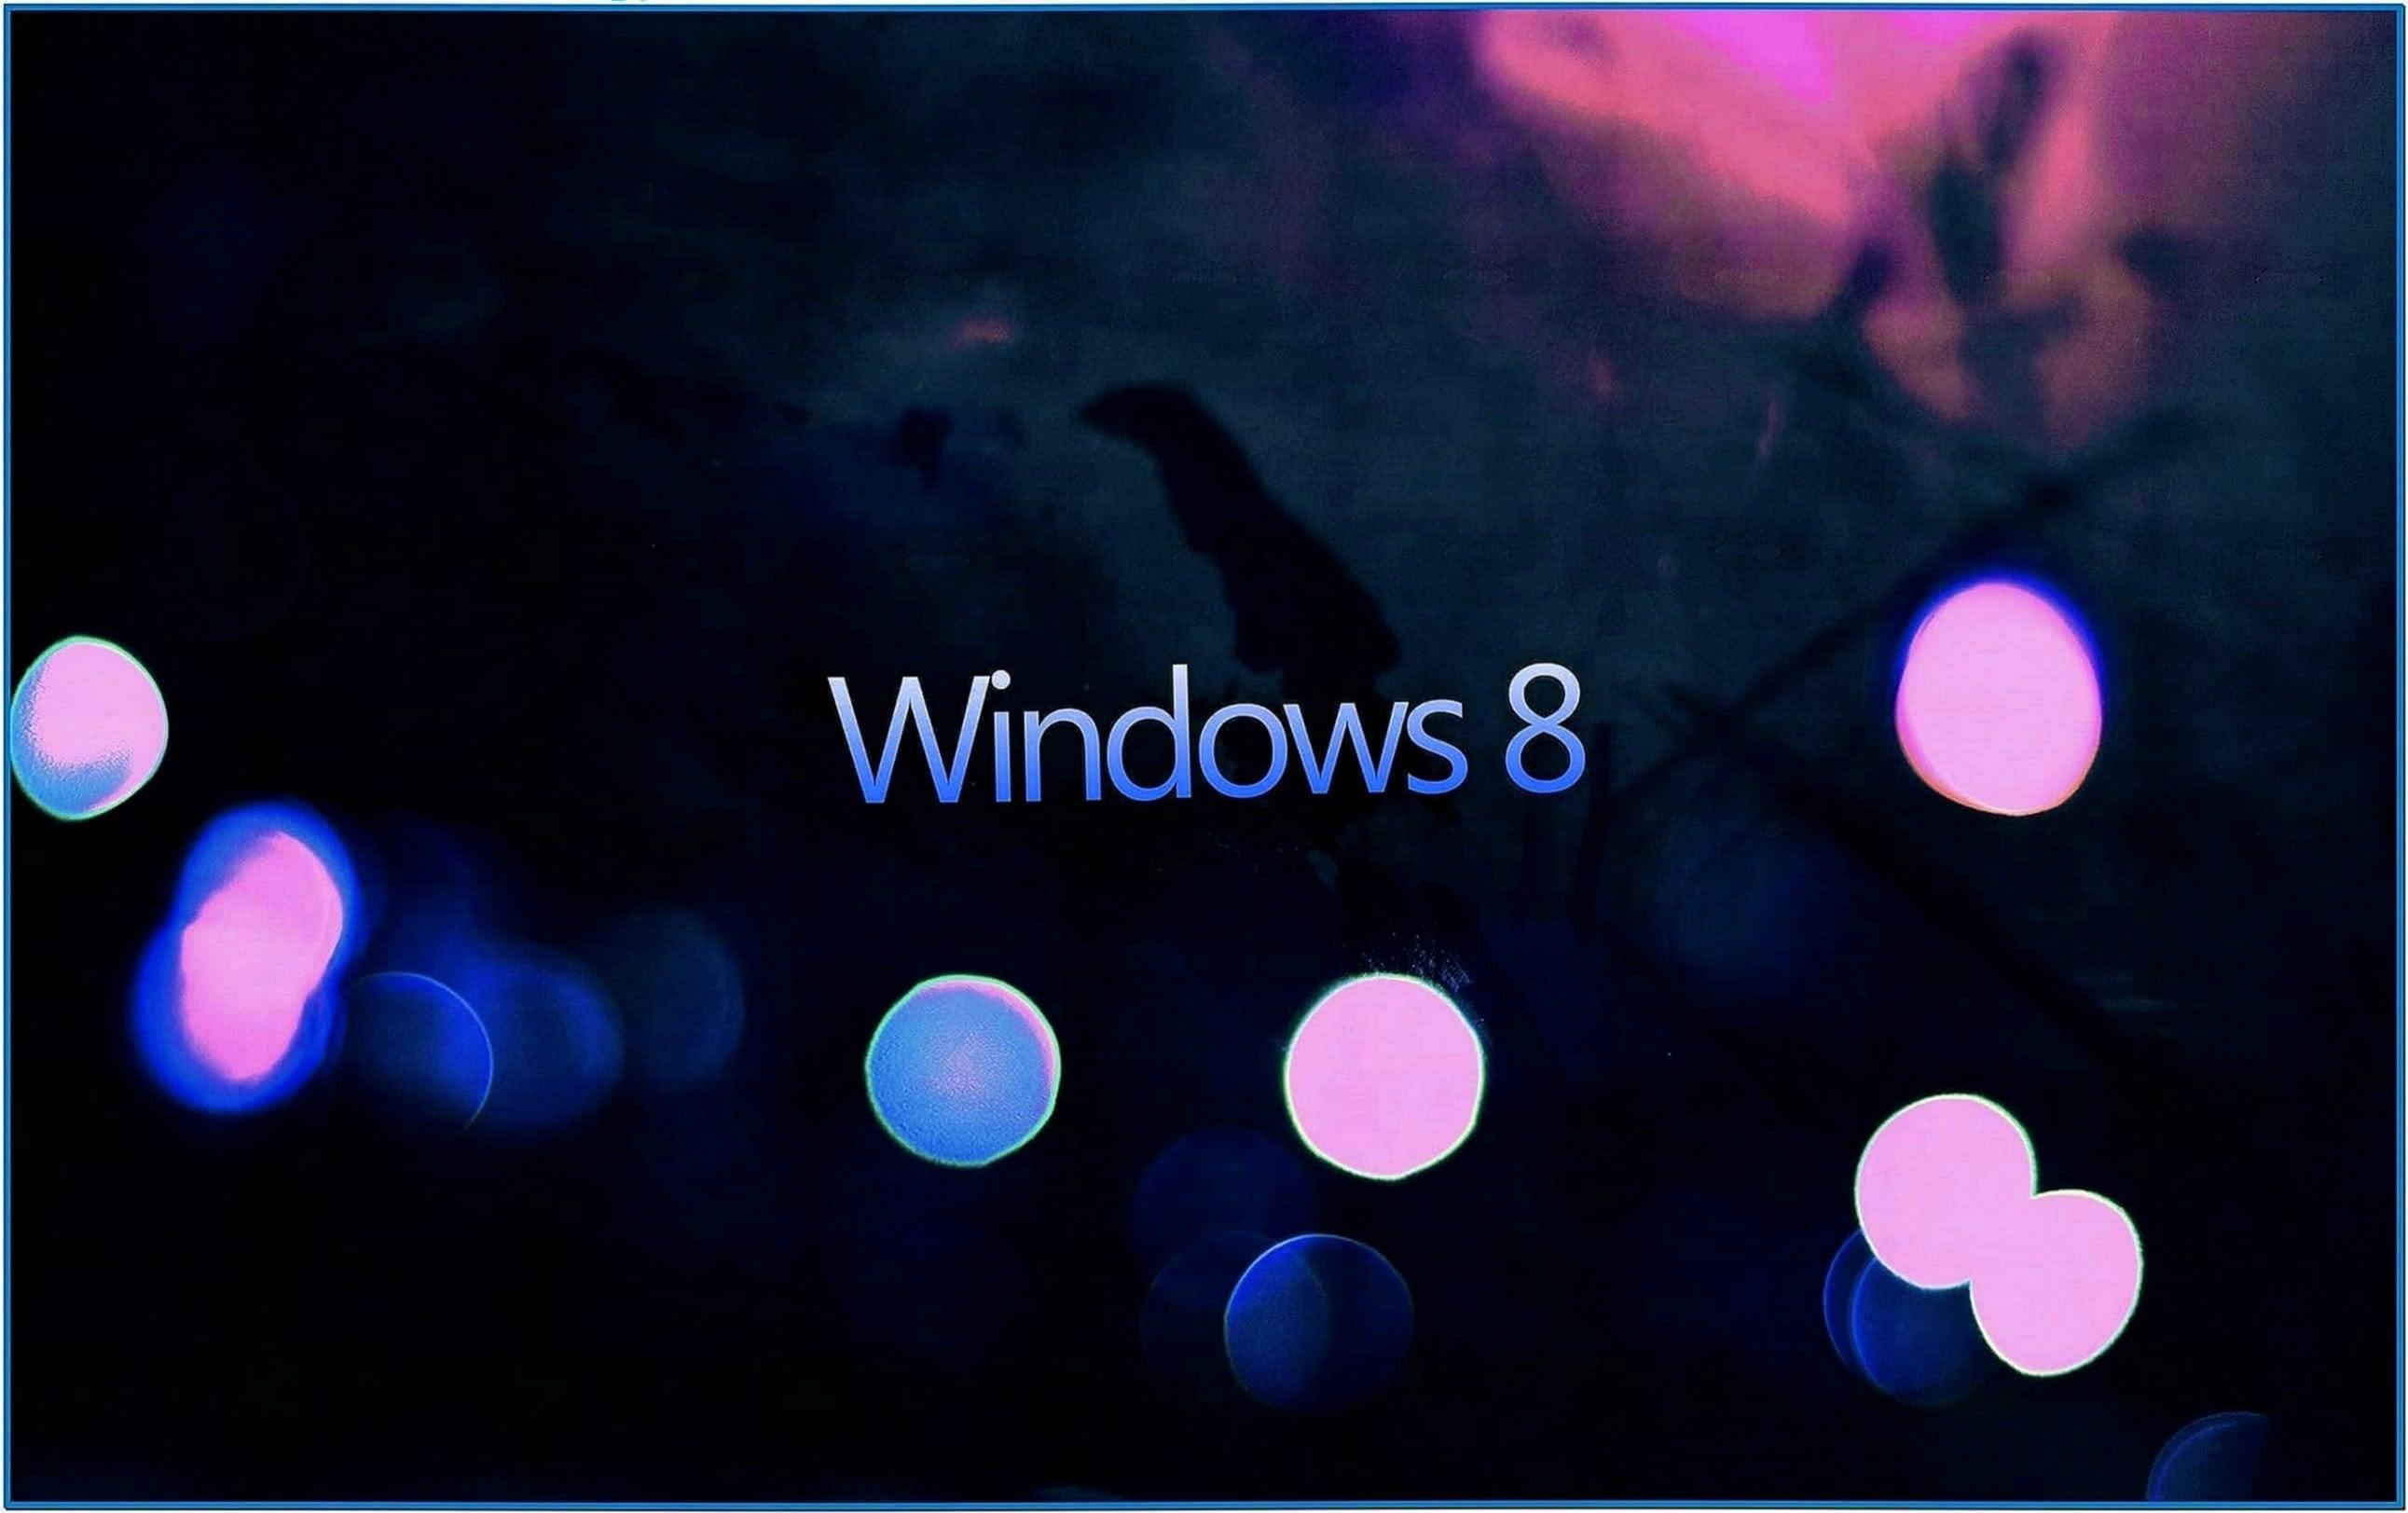 Screensaver Windows 8 full hd